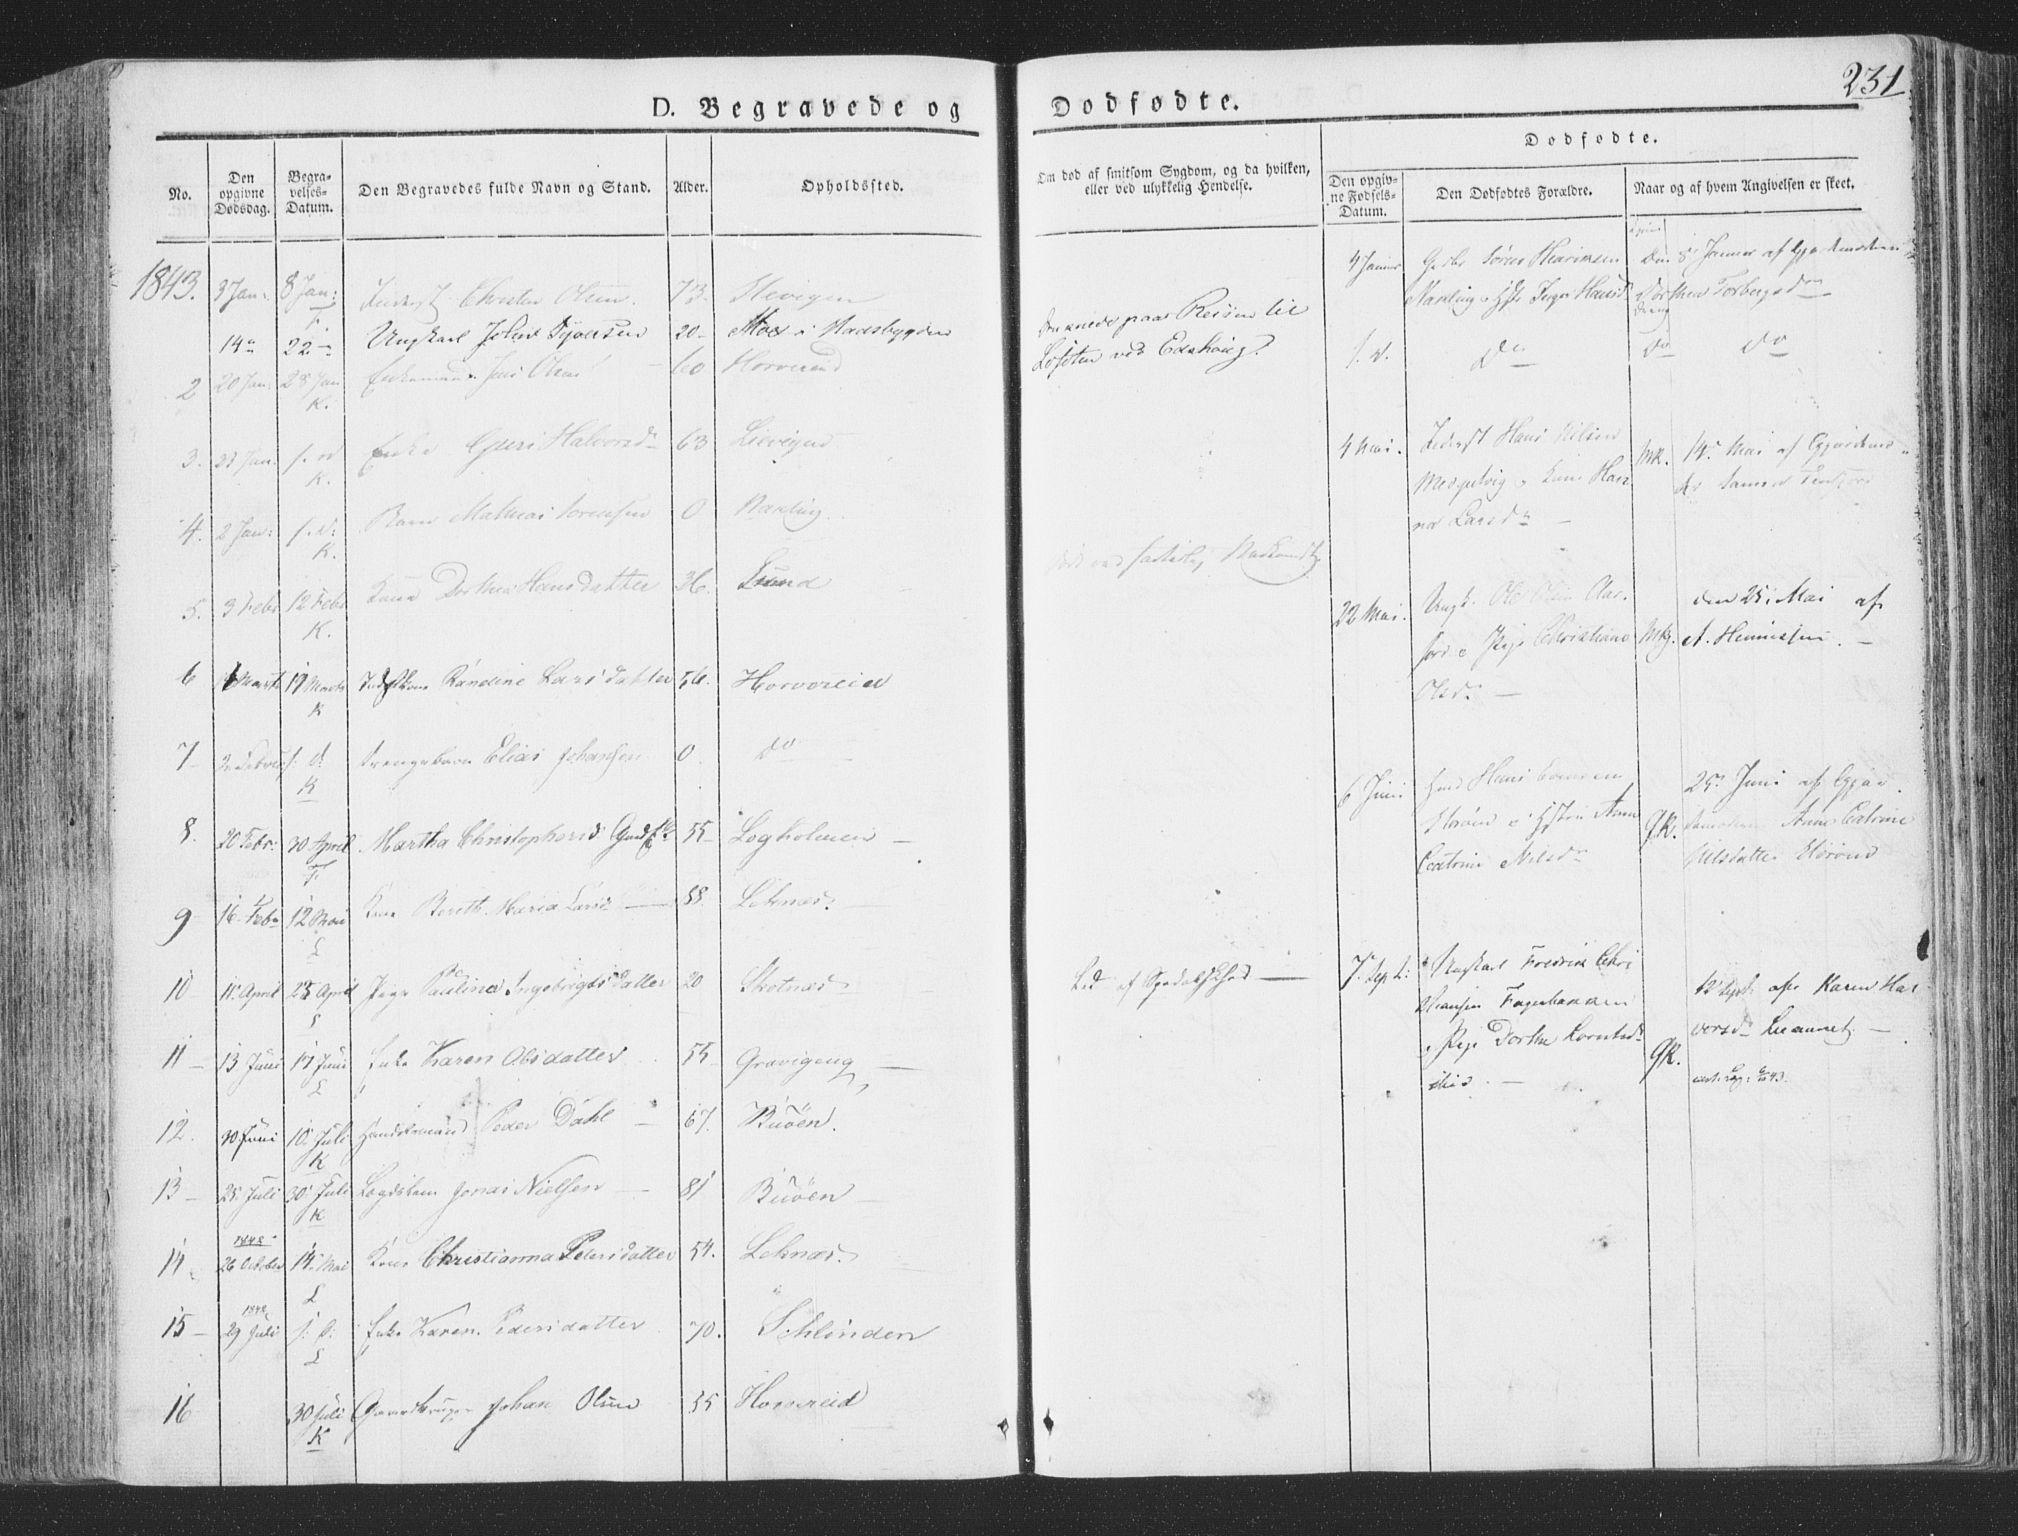 SAT, Ministerialprotokoller, klokkerbøker og fødselsregistre - Nord-Trøndelag, 780/L0639: Ministerialbok nr. 780A04, 1830-1844, s. 231